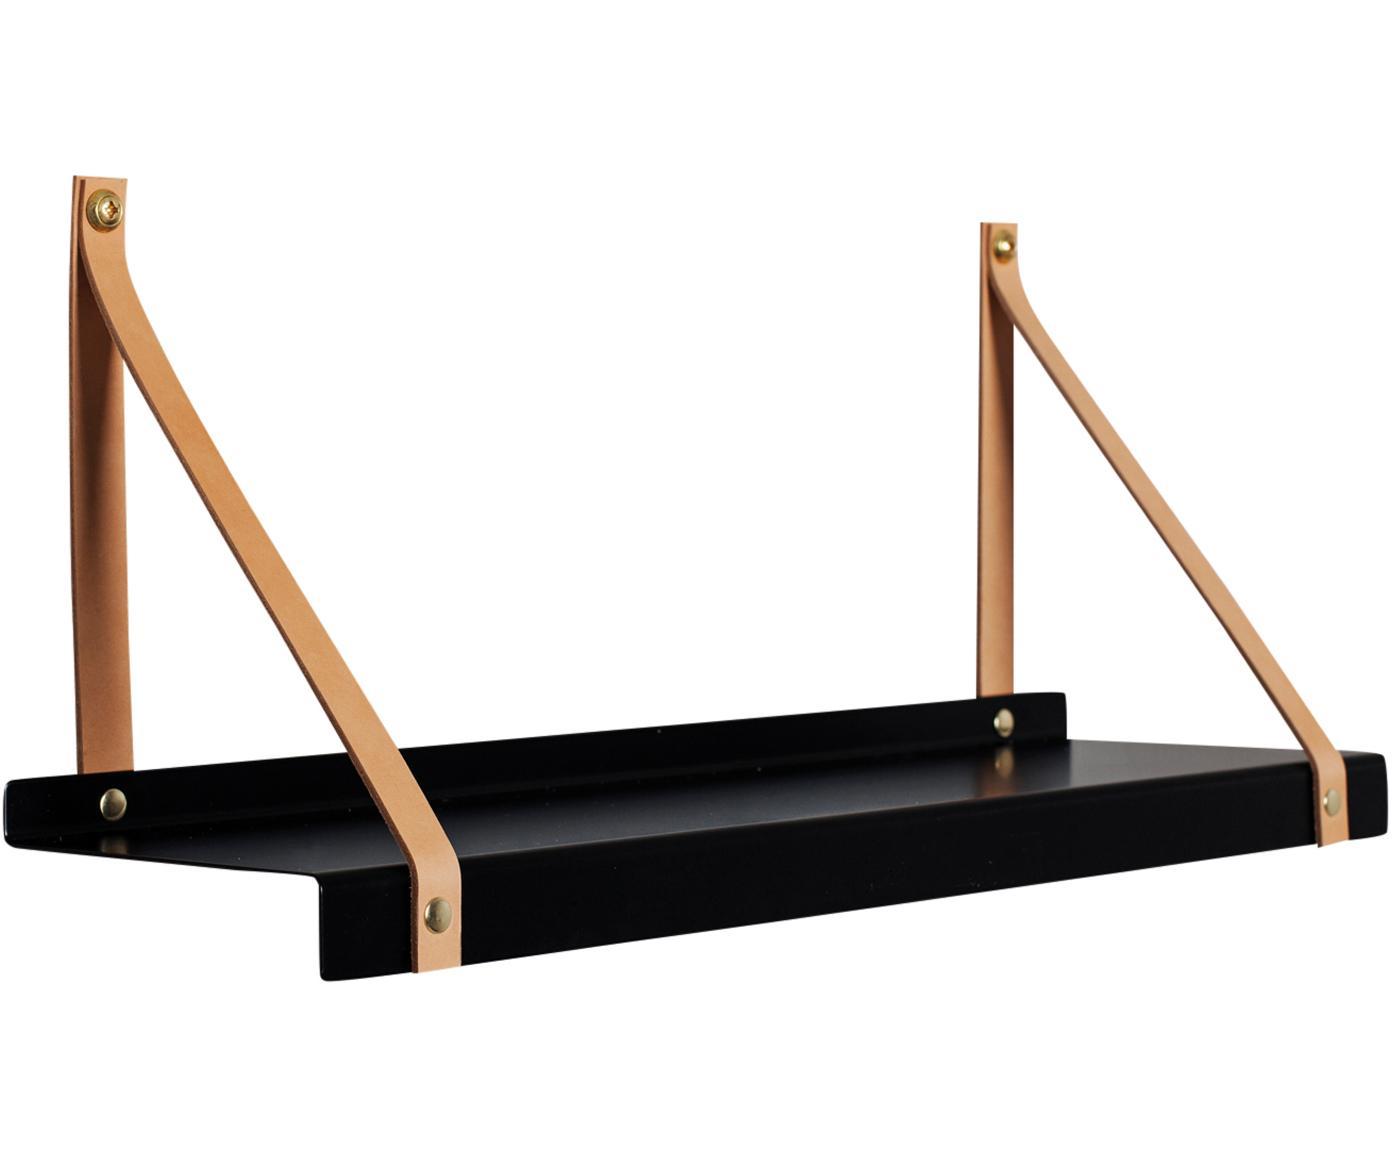 Wandplank Shelfie, Plank: gepoedercoat metaal, Riemen: leer, Zwart, bruin, B 50 x D 15 cm